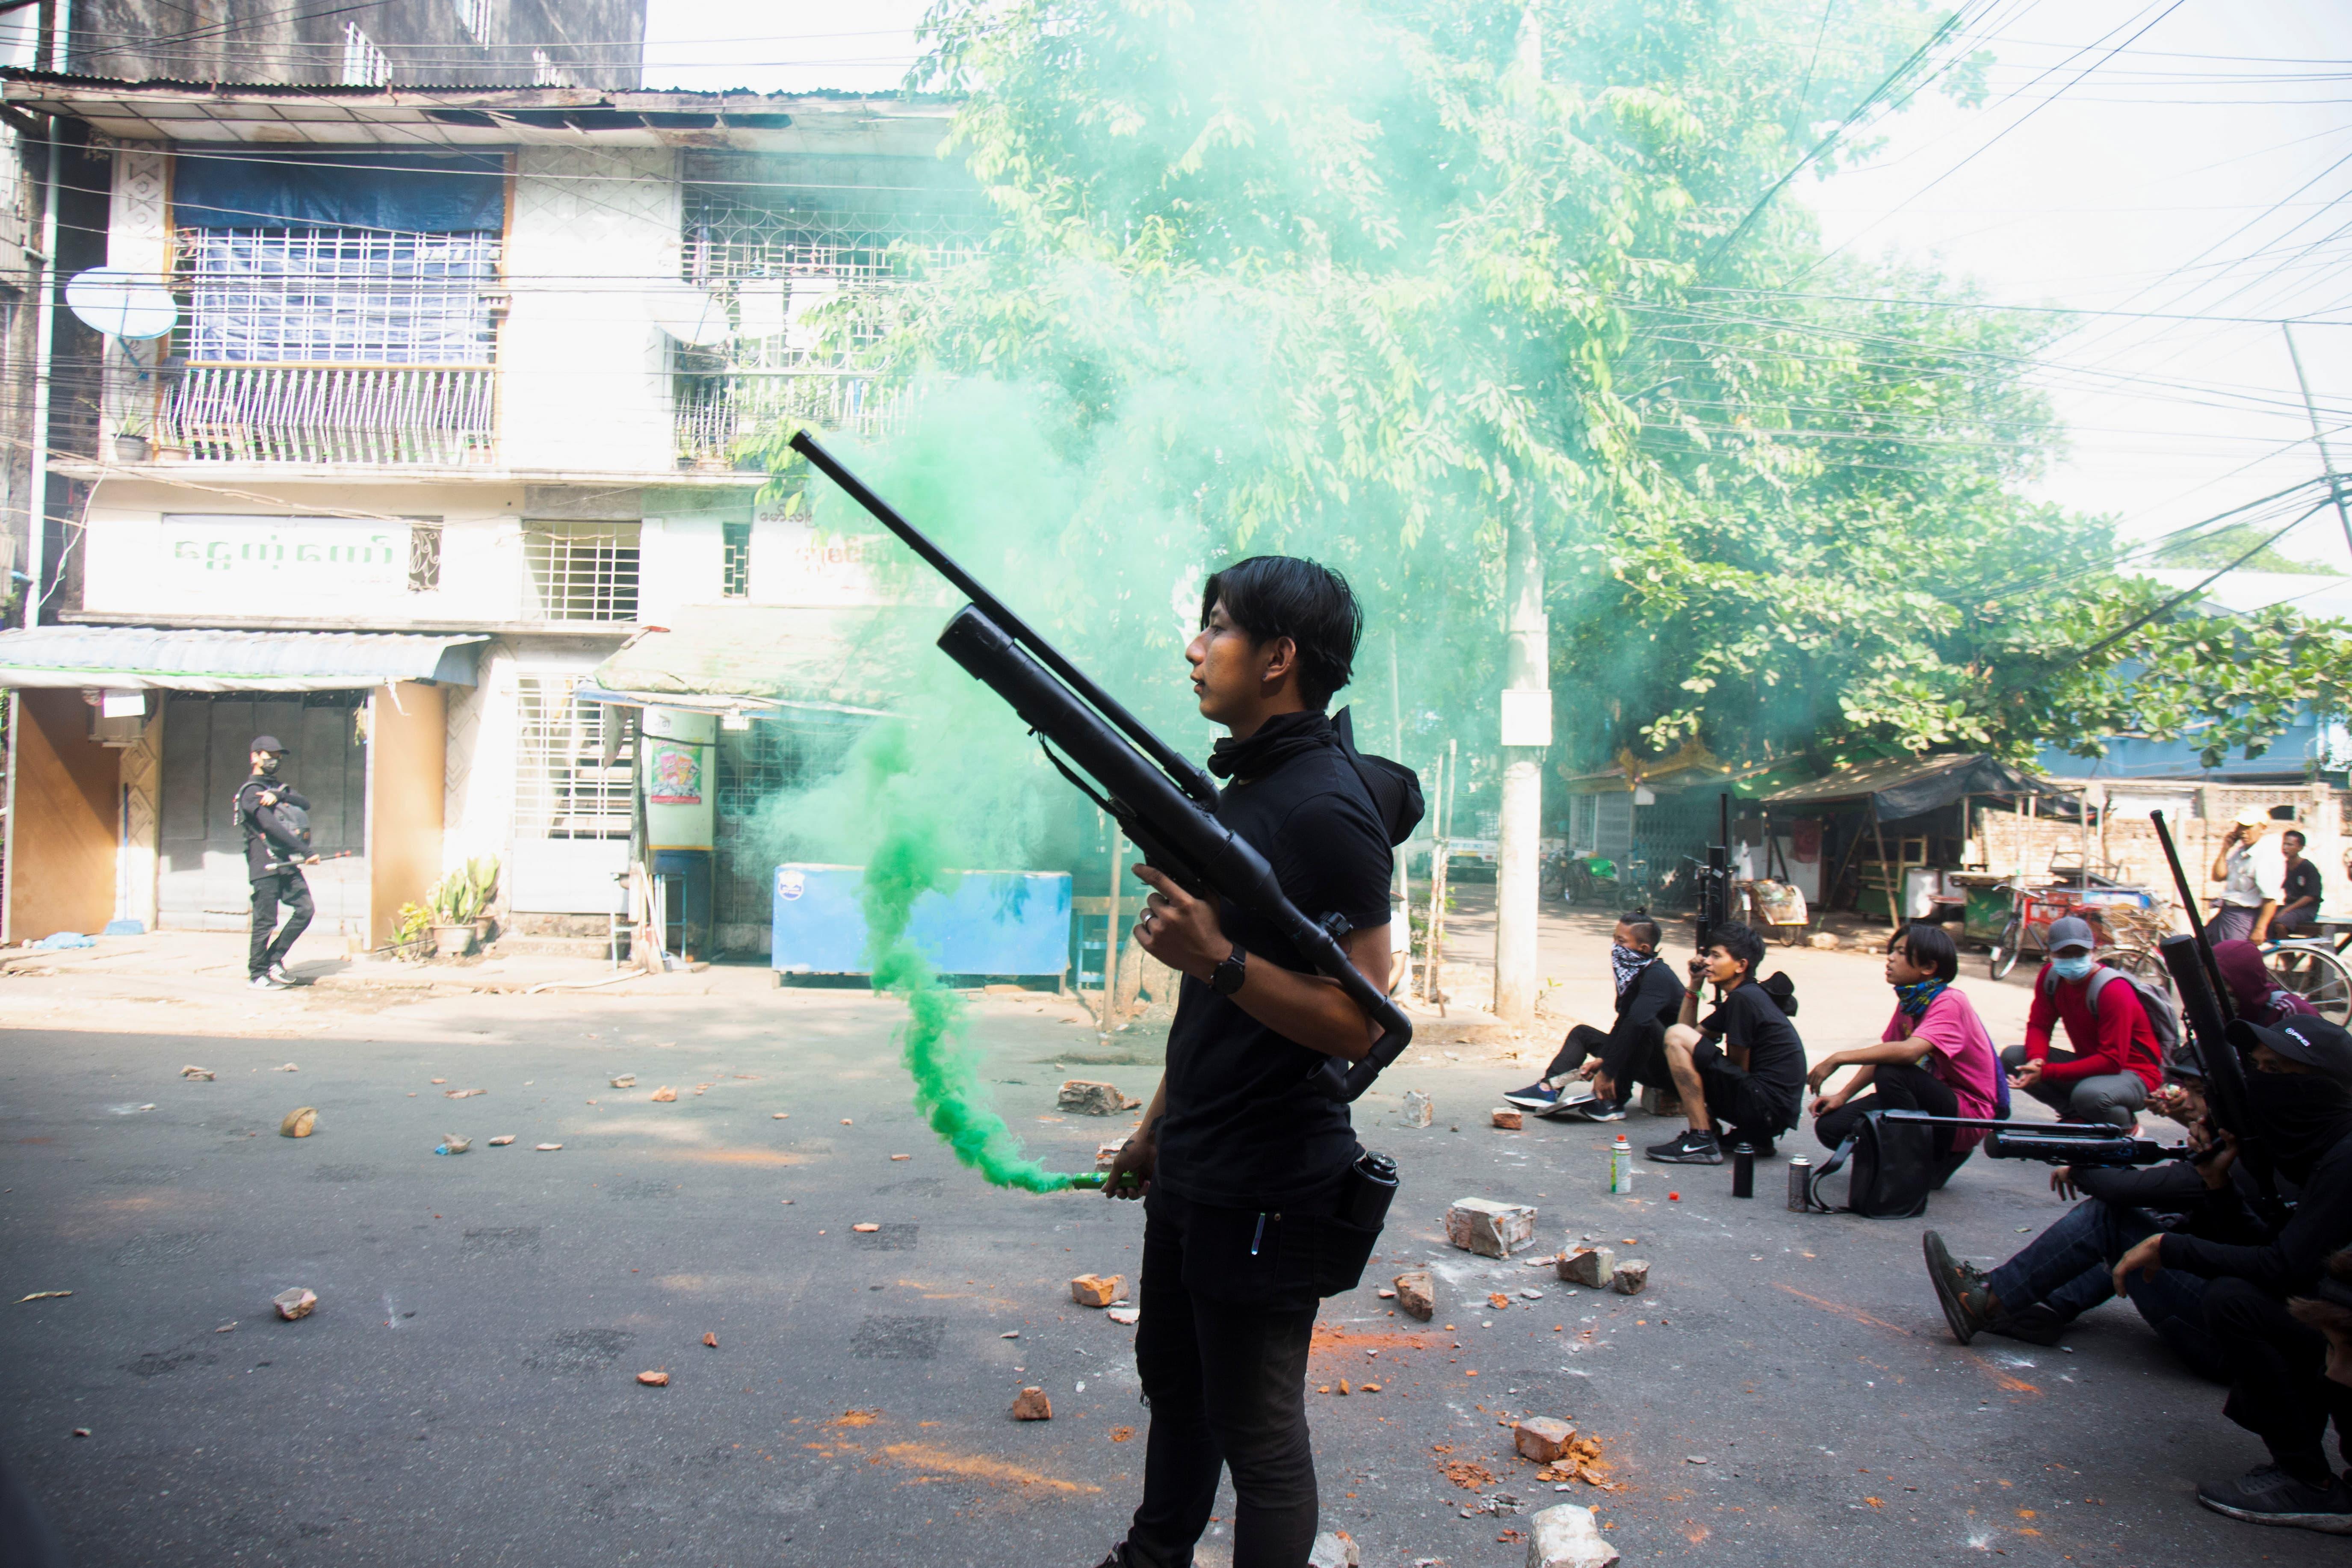 Manifestante segura arma feita com canos durante protesto em Mianmar